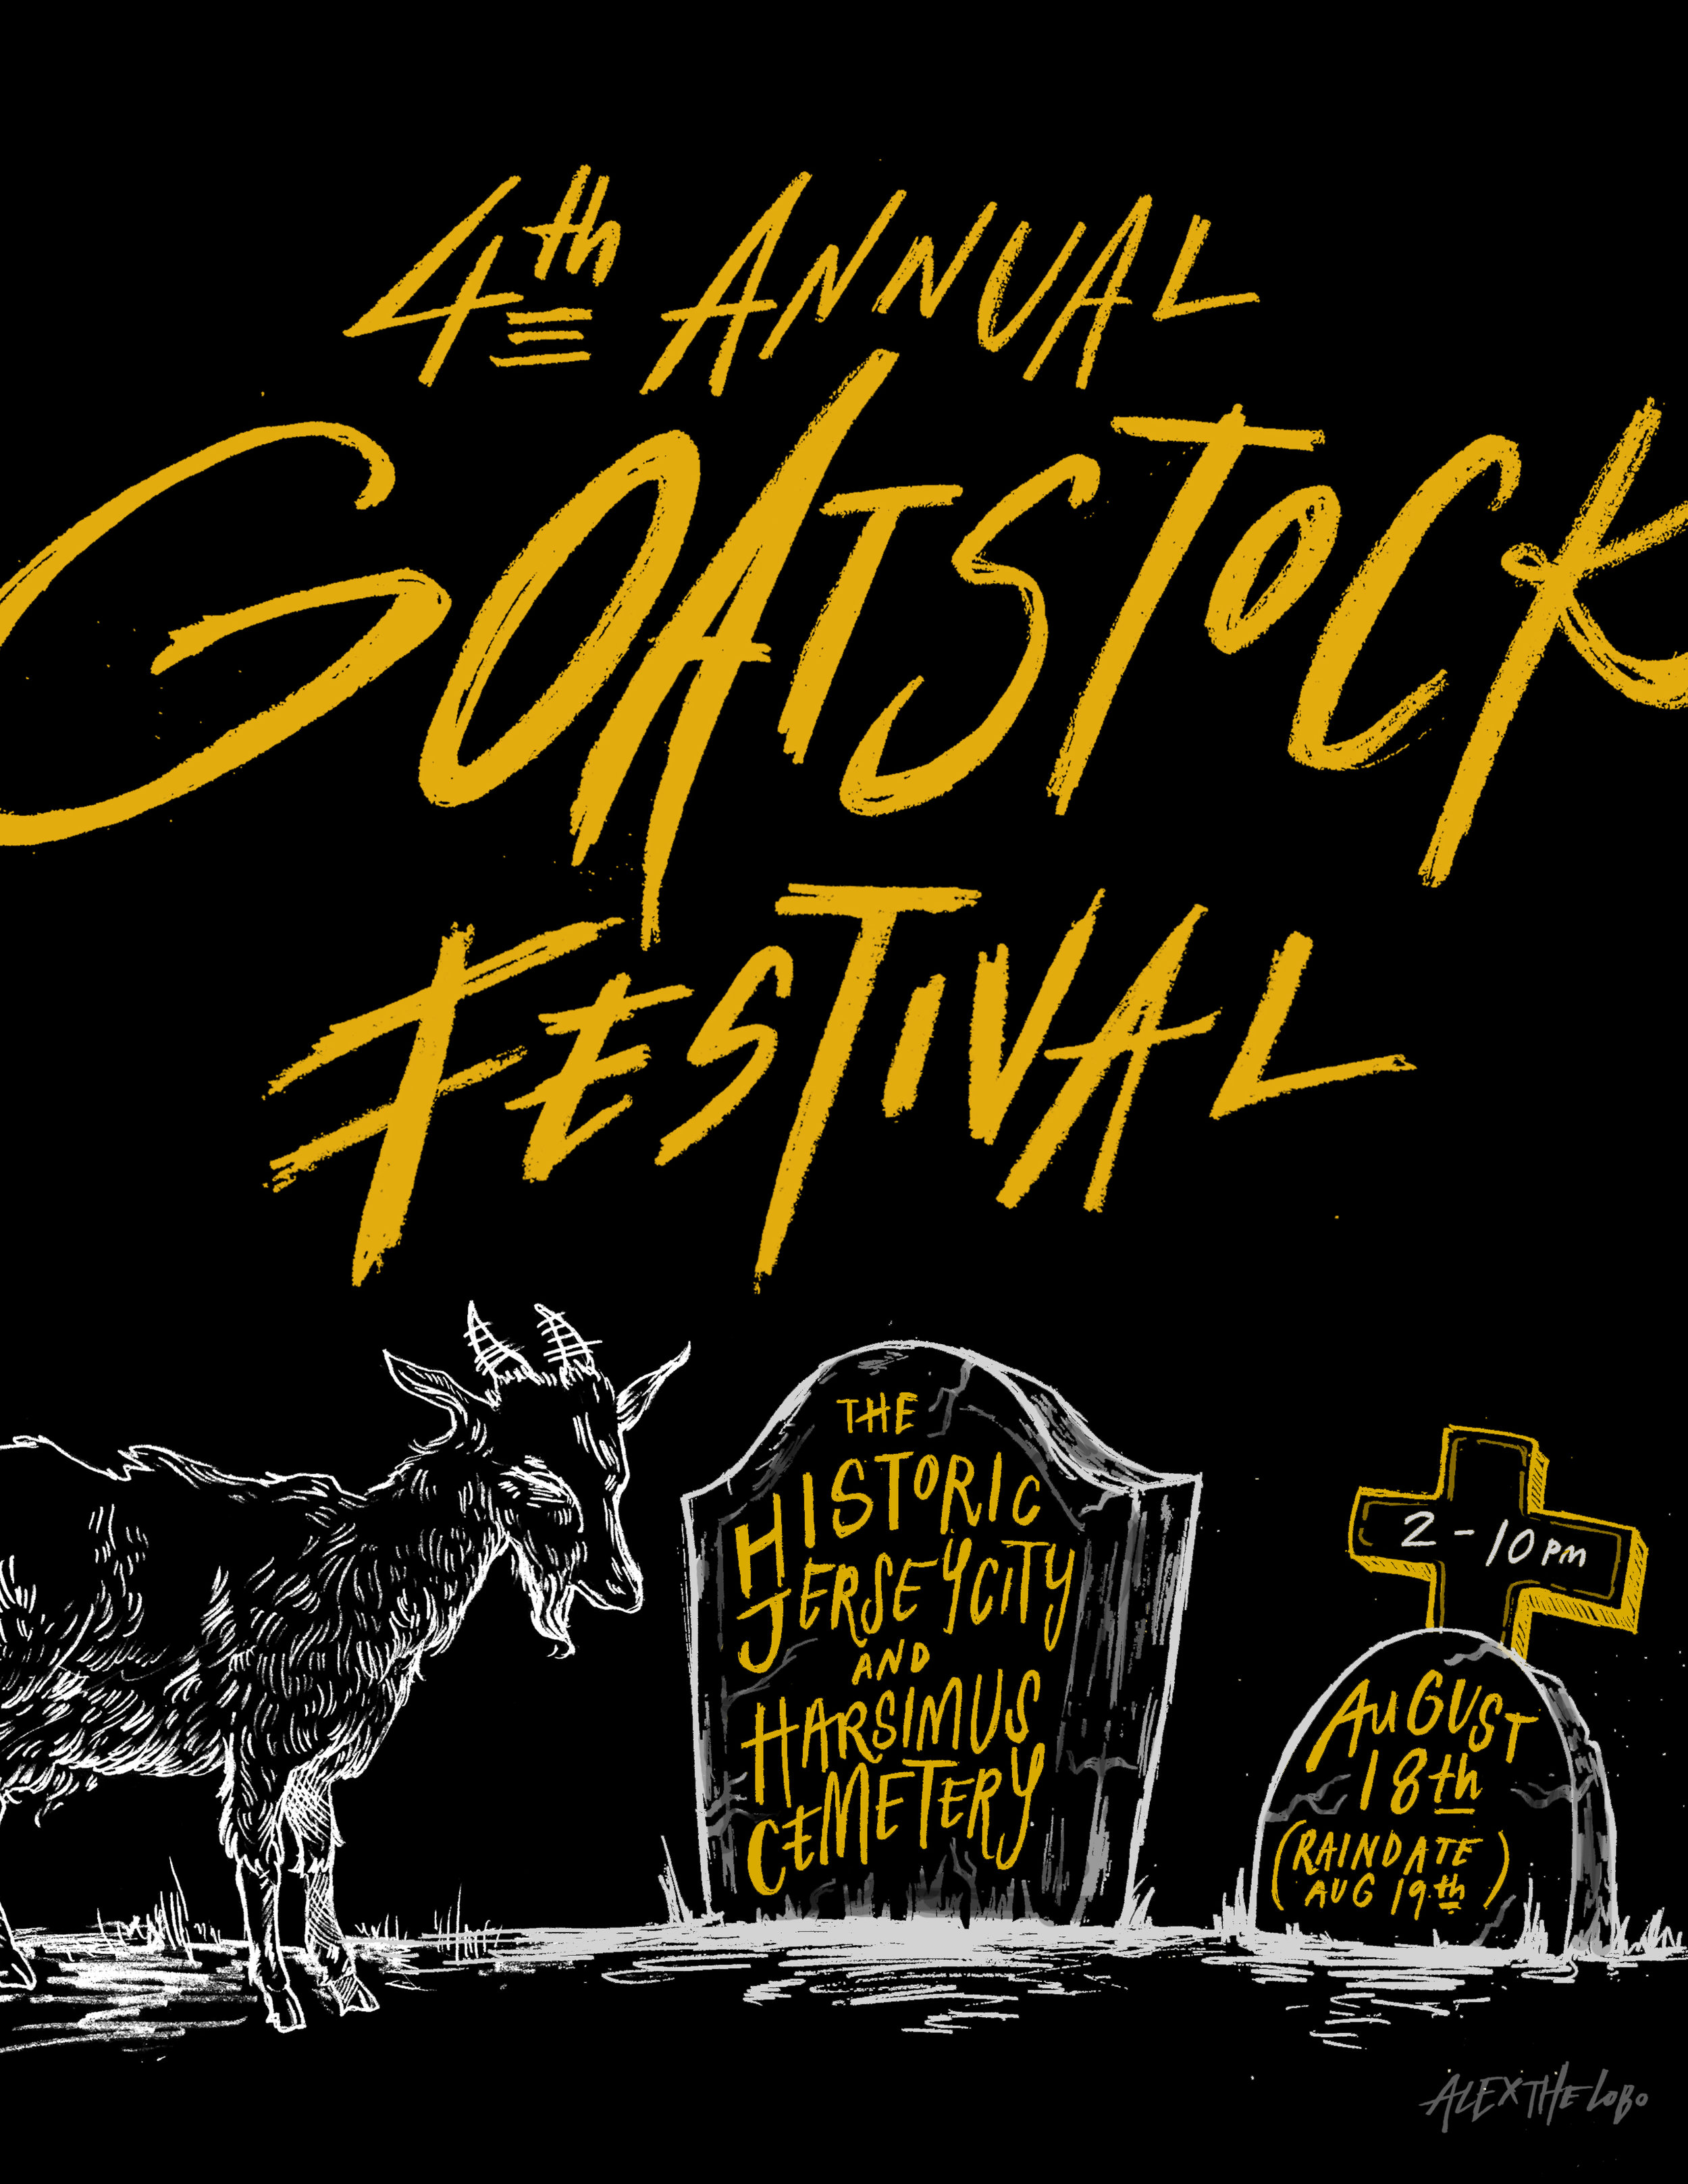 goatstock-1.jpg